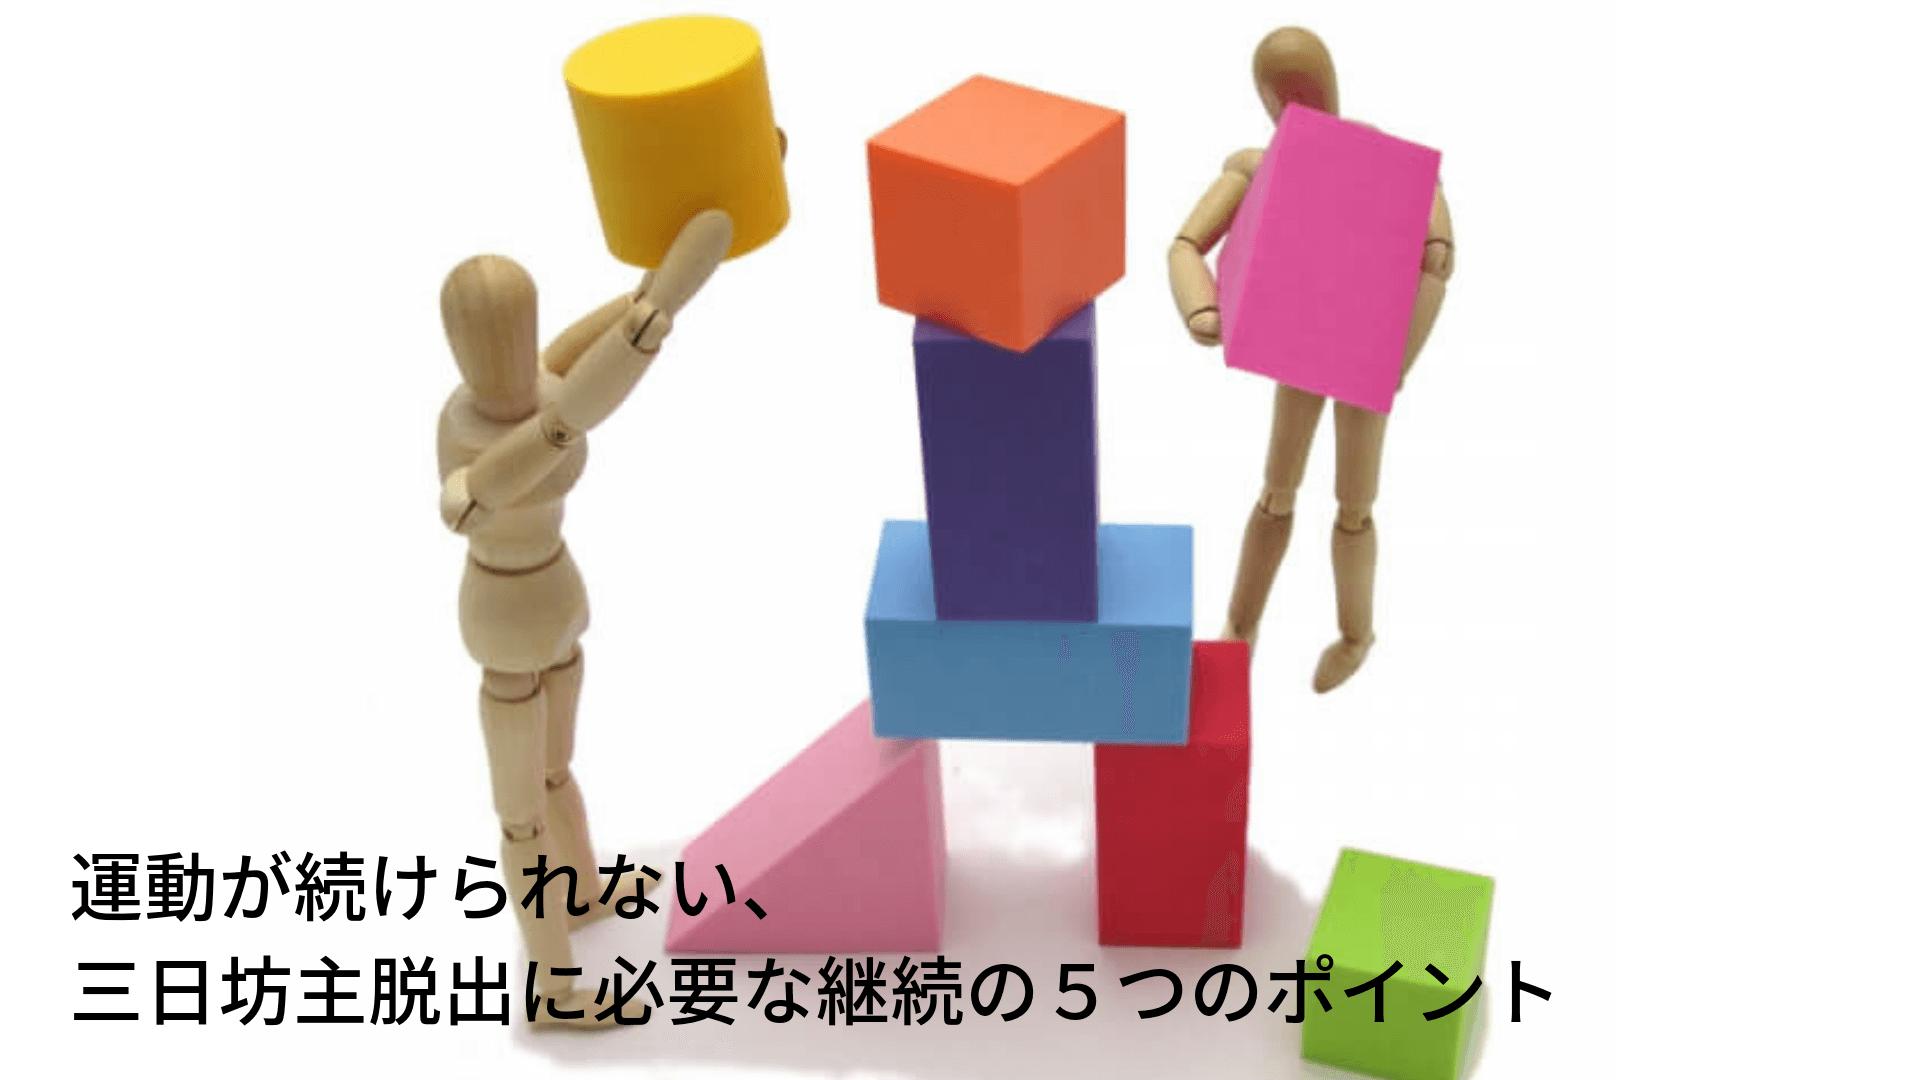 運動が続けられない、 三日坊主脱出に必要な継続の5つのポイント (1)